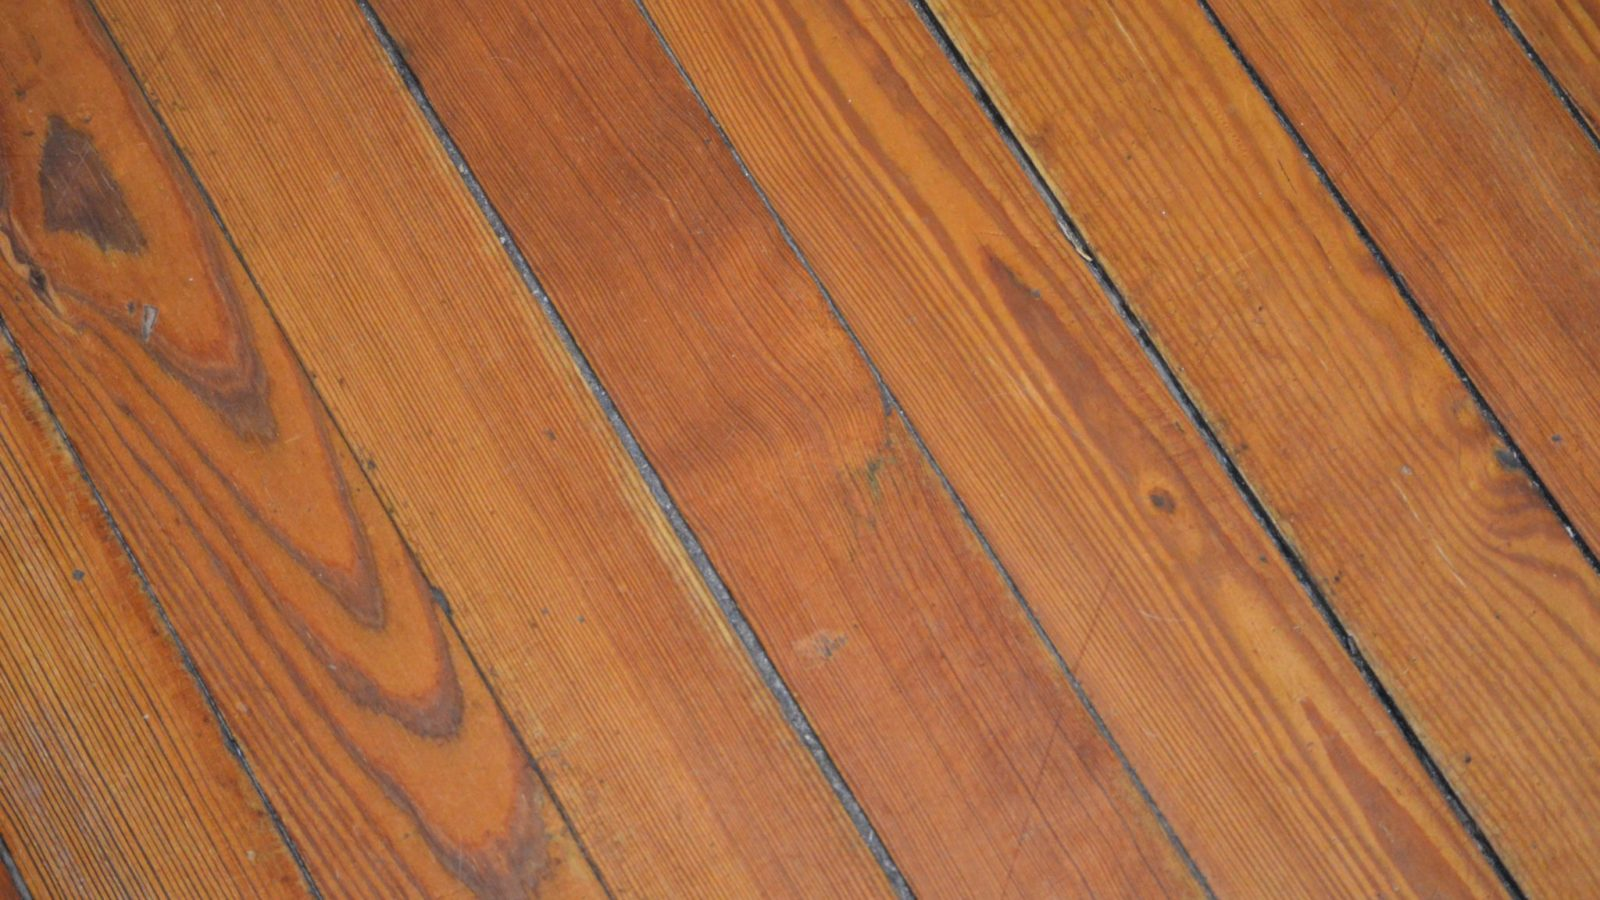 hardwood floor separating in winter